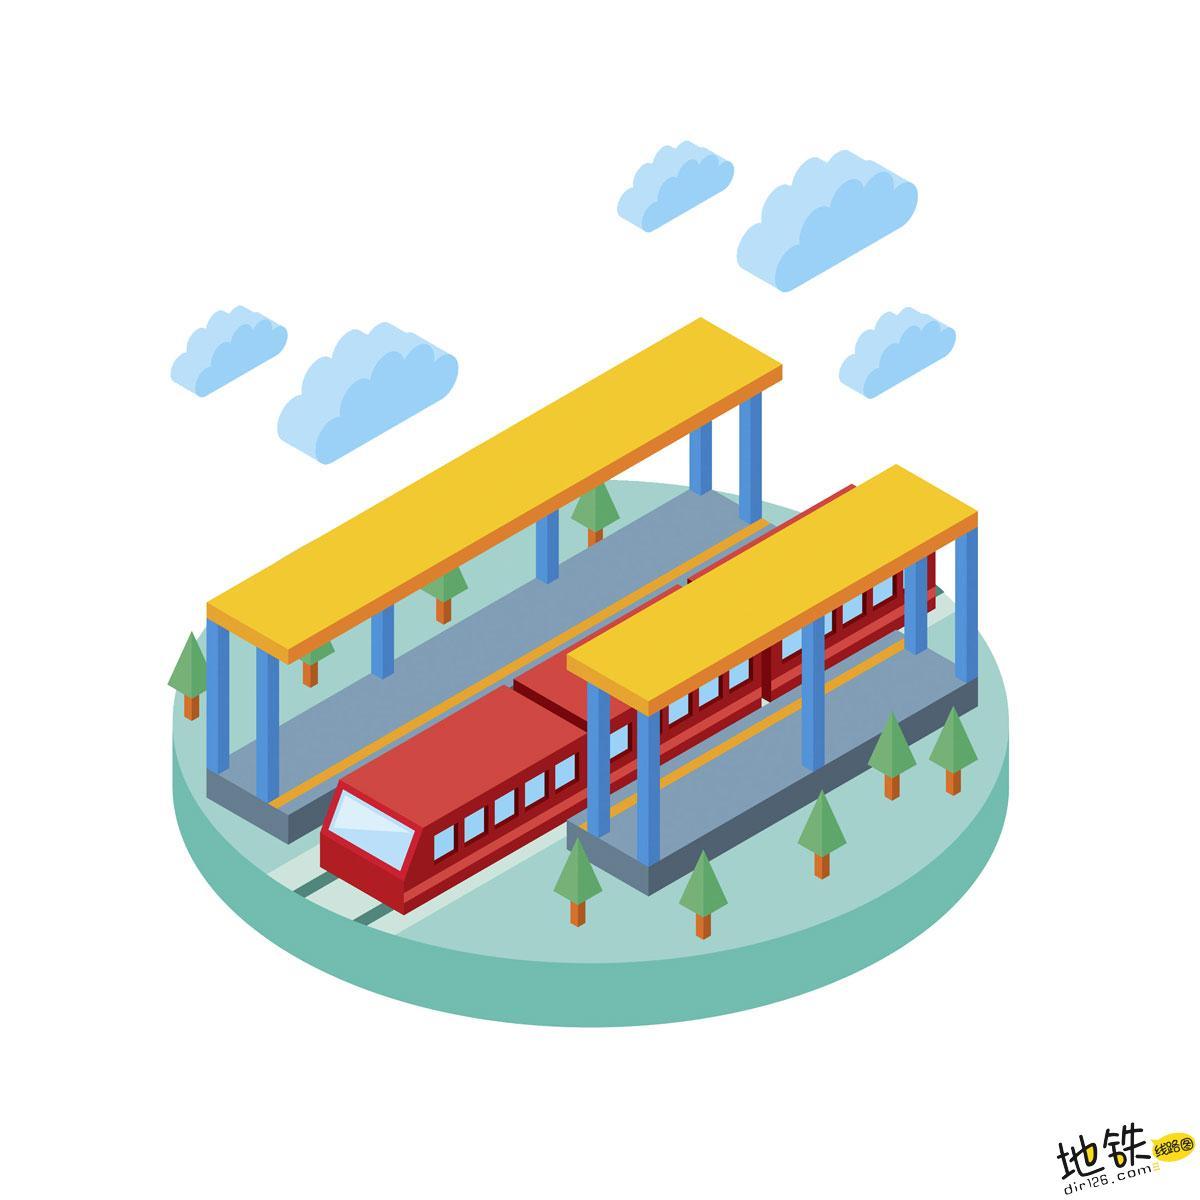 换个角度看世界各地的神奇地铁 地铁站 神奇 世界 轨道交通 轻轨 地铁 轨道动态  第1张